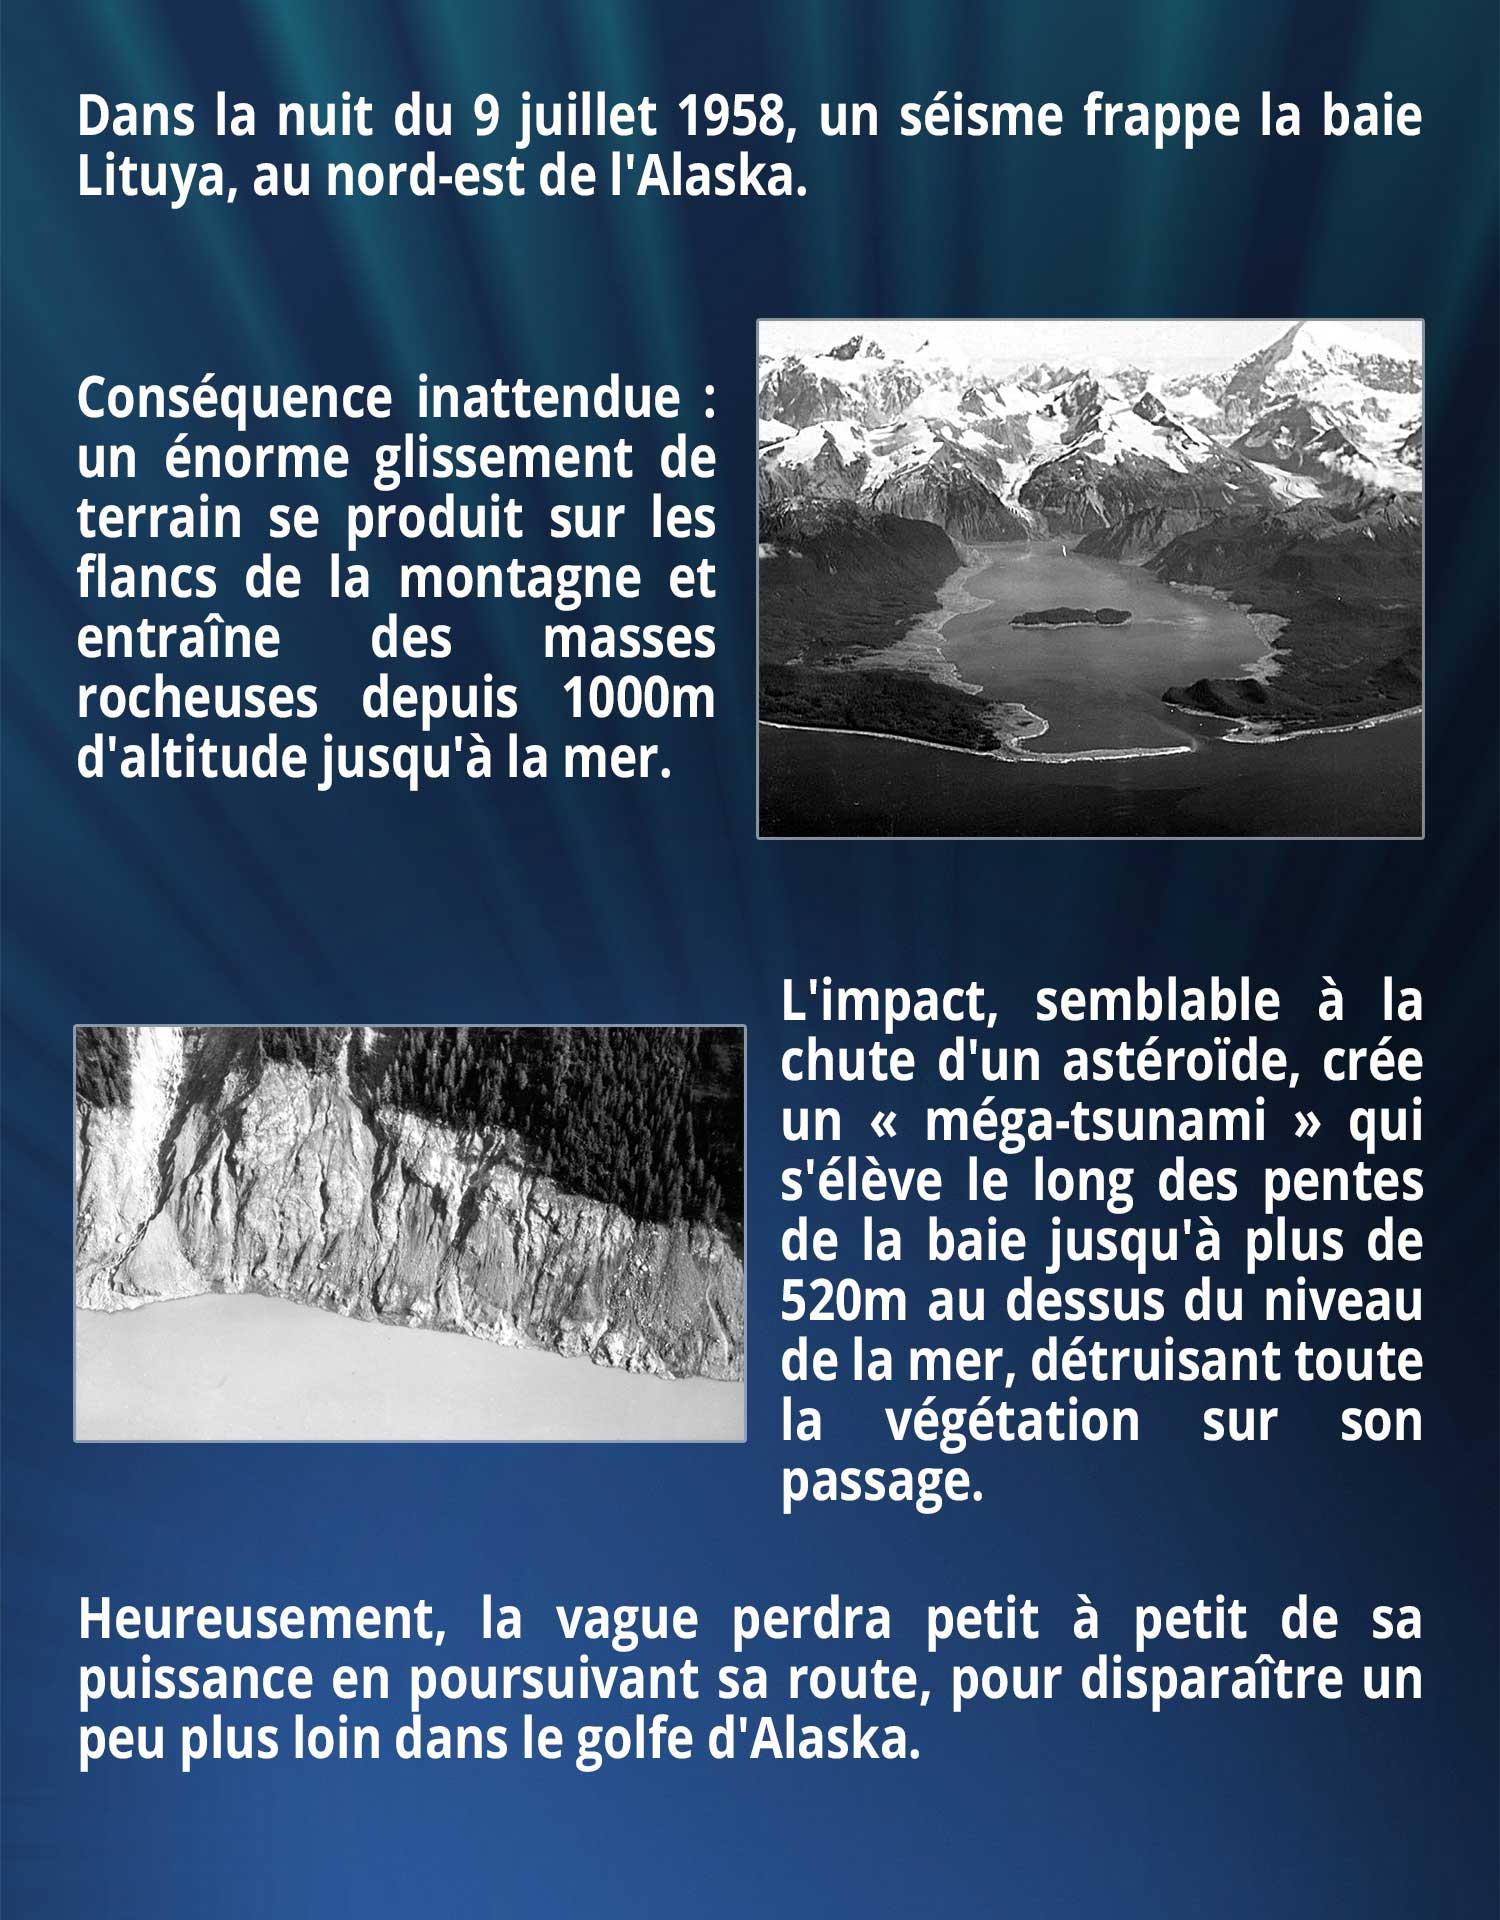 Dans la nuit du 9 juillet 1958, un séisme frappe la baie Lituya, au nord-est de l'Alaska. Conséquence inattendue : un énorme glissement de terrain se produit sur les flancs de la montagne et entraîne des masses rocheuses depuis 1000m d'altitude jusqu'à la mer. L'impact, semblable à la chute d'un astéroïde, crée un « méga-tsunami » qui s'élève le long des pentes de la baie jusqu'à plus de 520m au dessus du niveau de la mer, détruisant toute la végétation sur son passage. Heureusement, la vague perdra petit à petit de sa puissance en poursuivant sa route, pour disparaître un peu plus loin dans le golfe d'Alaska.